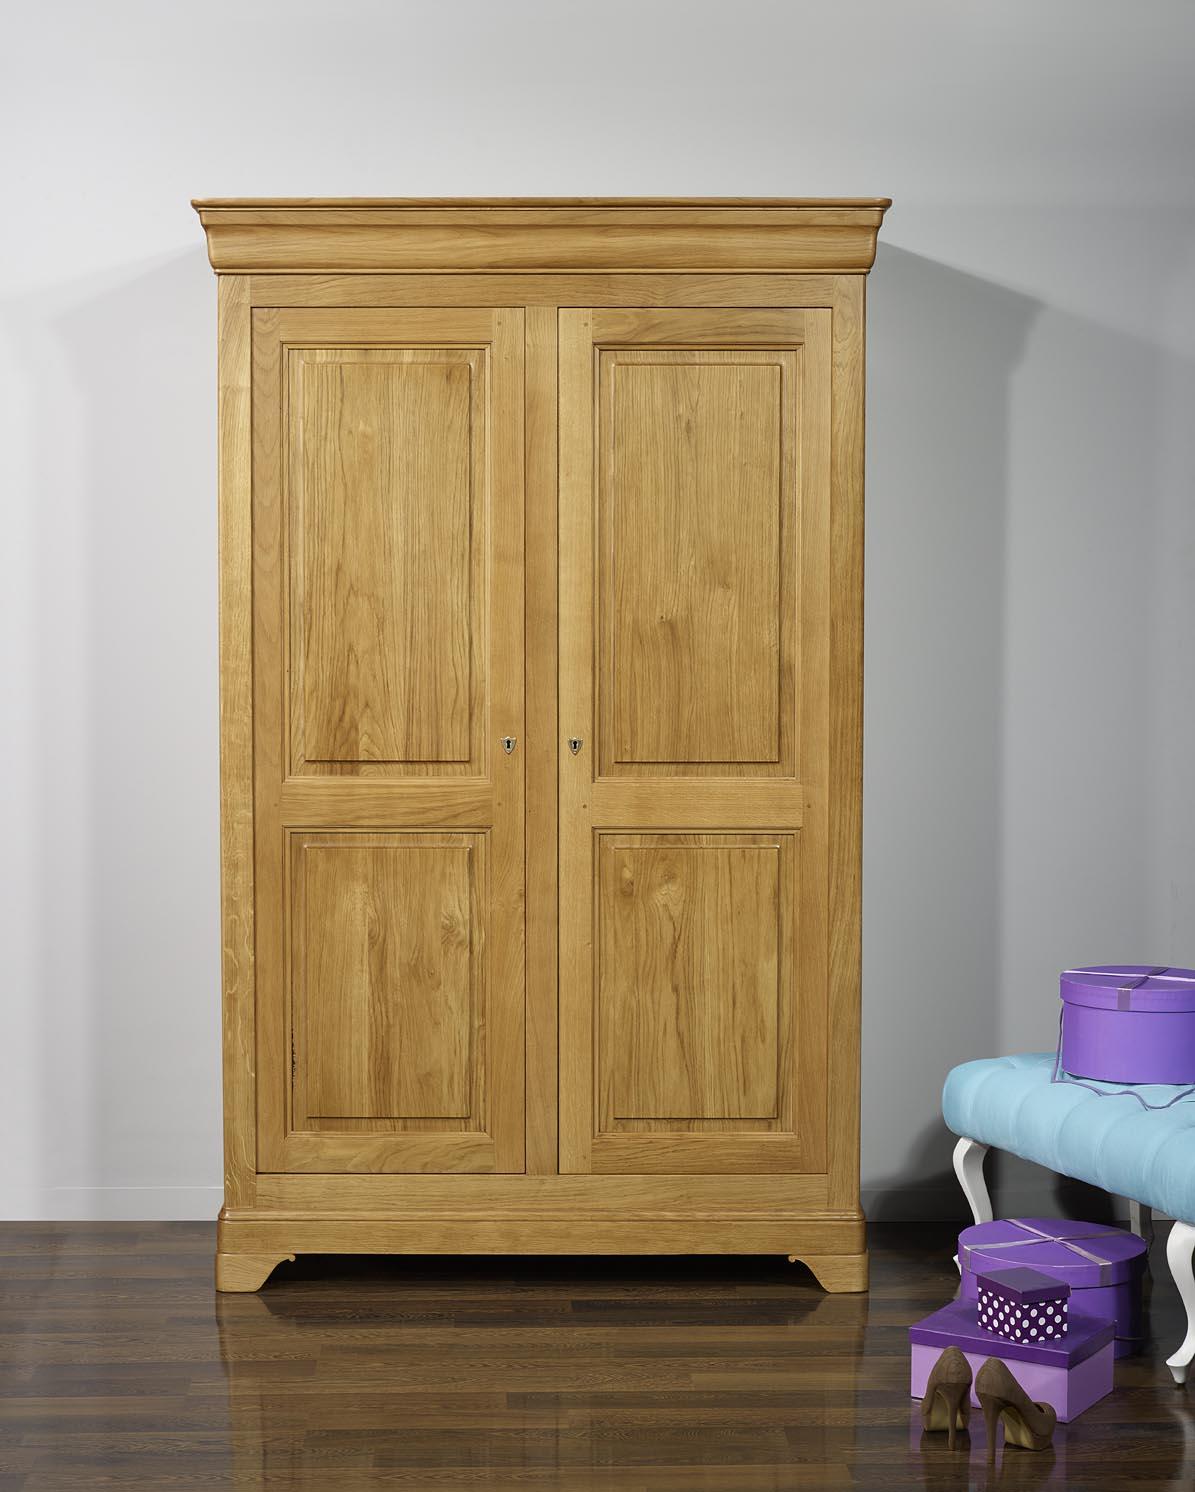 armoire 2 portes st phane en ch ne massif de style louis philippe finition ch ne ch ne dor. Black Bedroom Furniture Sets. Home Design Ideas